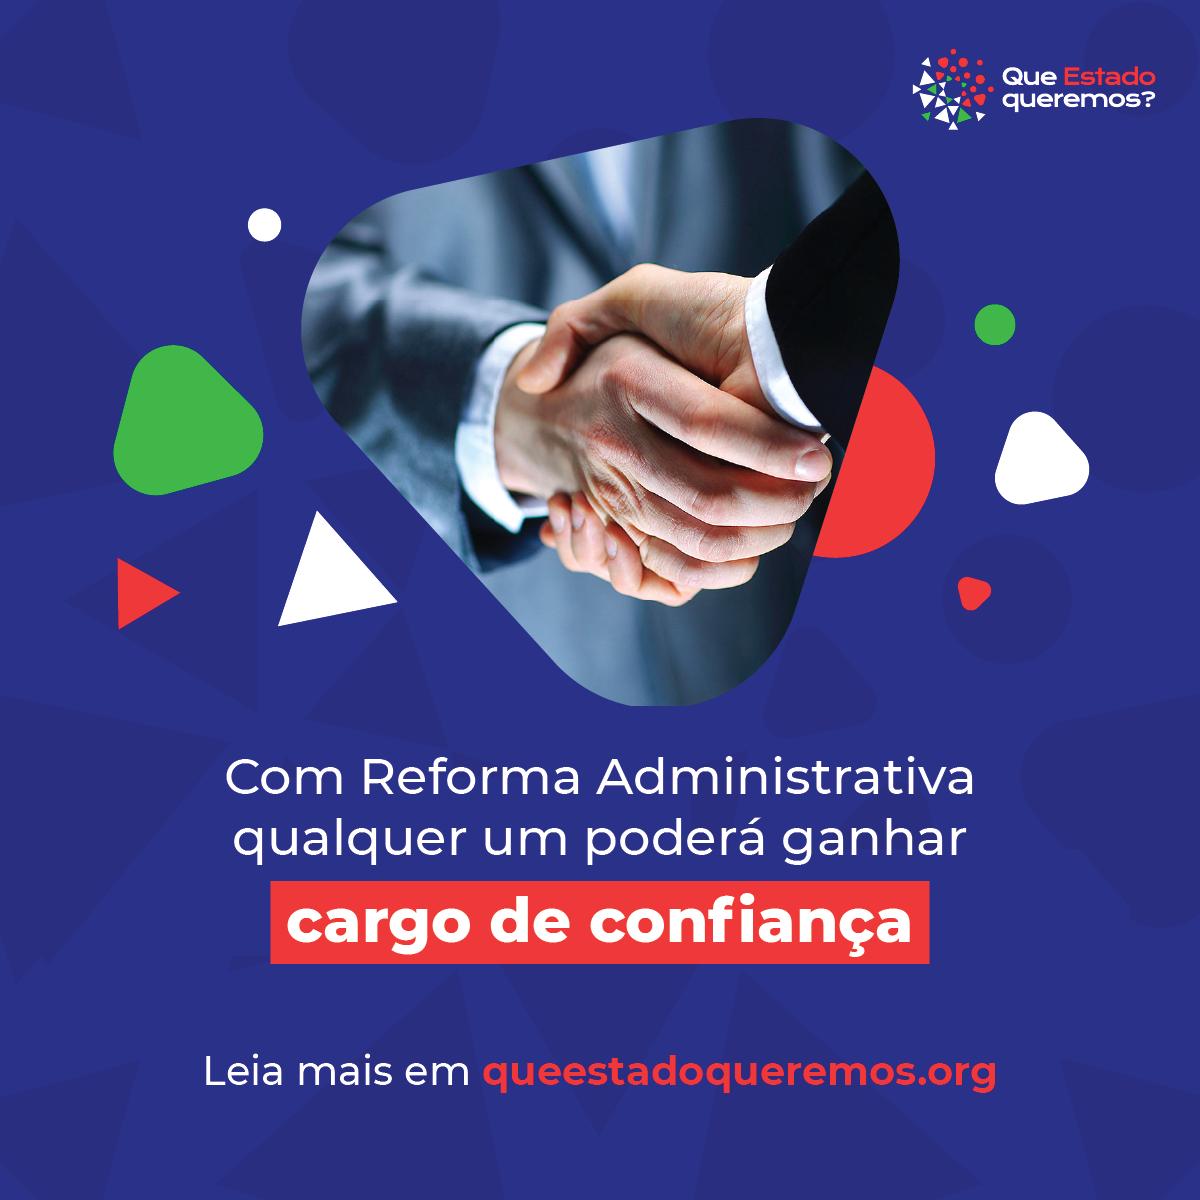 Com Reforma, qualquer cidadão poderá ser nomeado para cargo de confiança